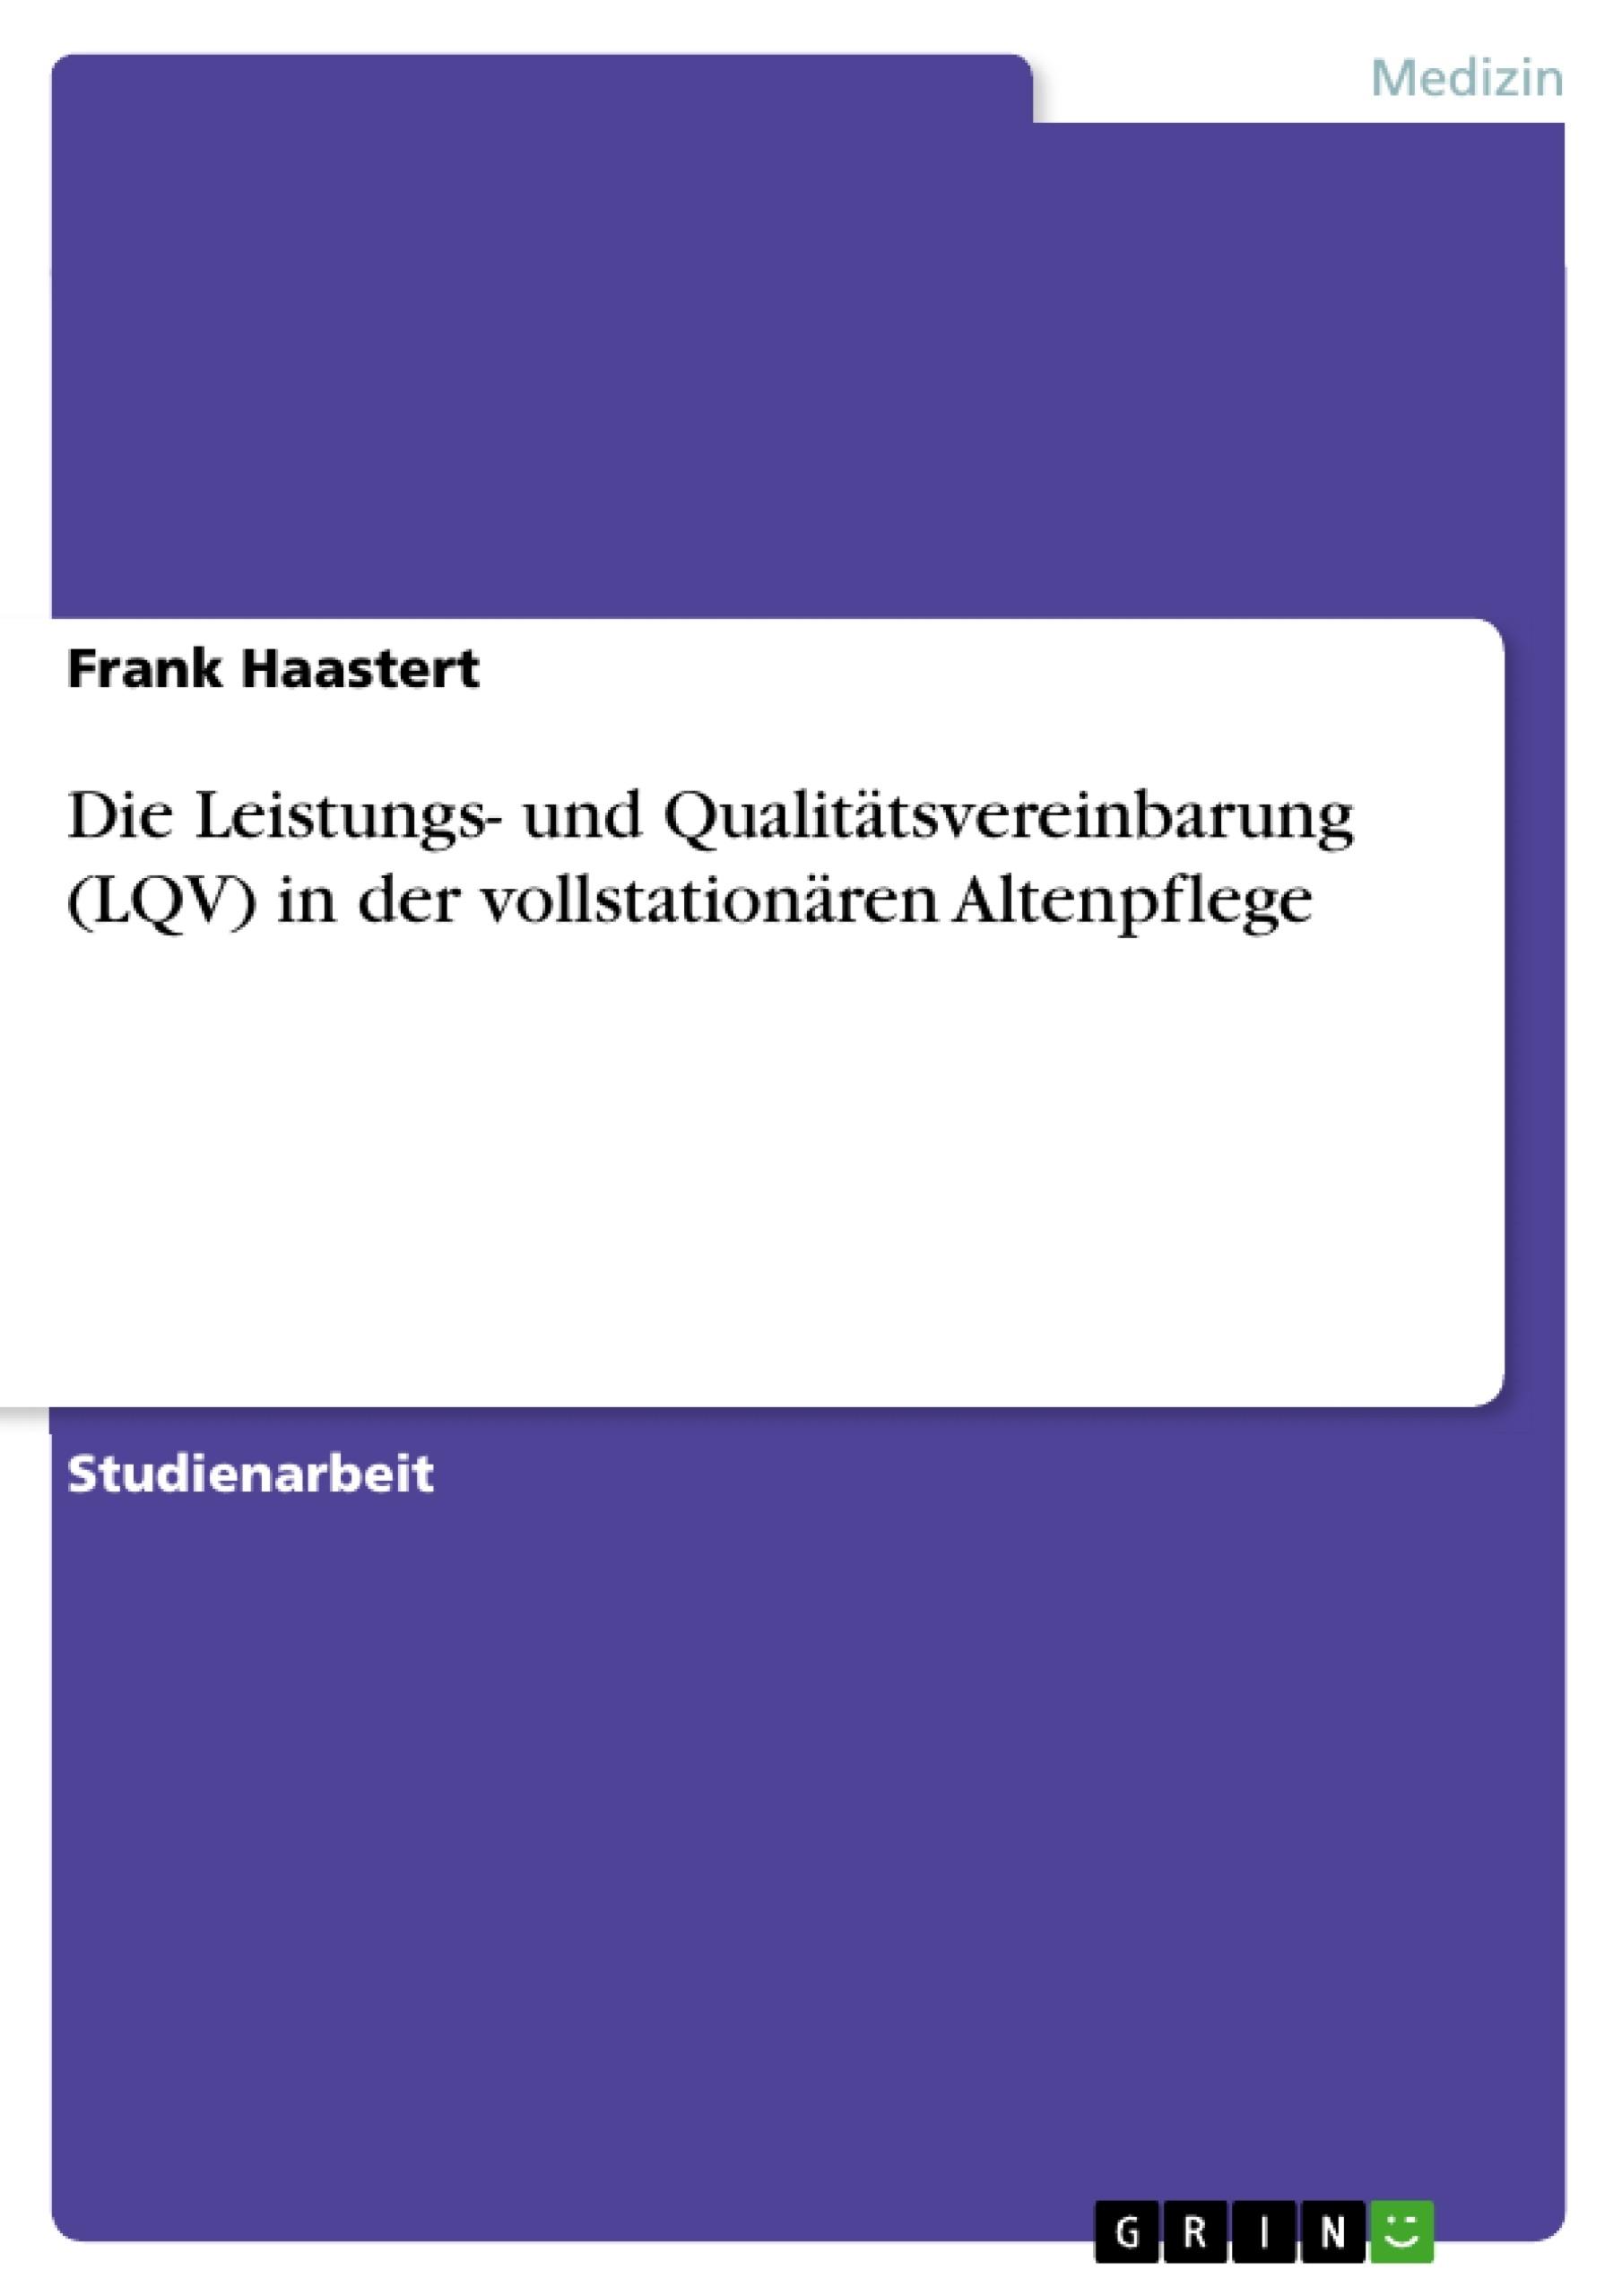 Titel: Die Leistungs- und Qualitätsvereinbarung (LQV) in der vollstationären Altenpflege